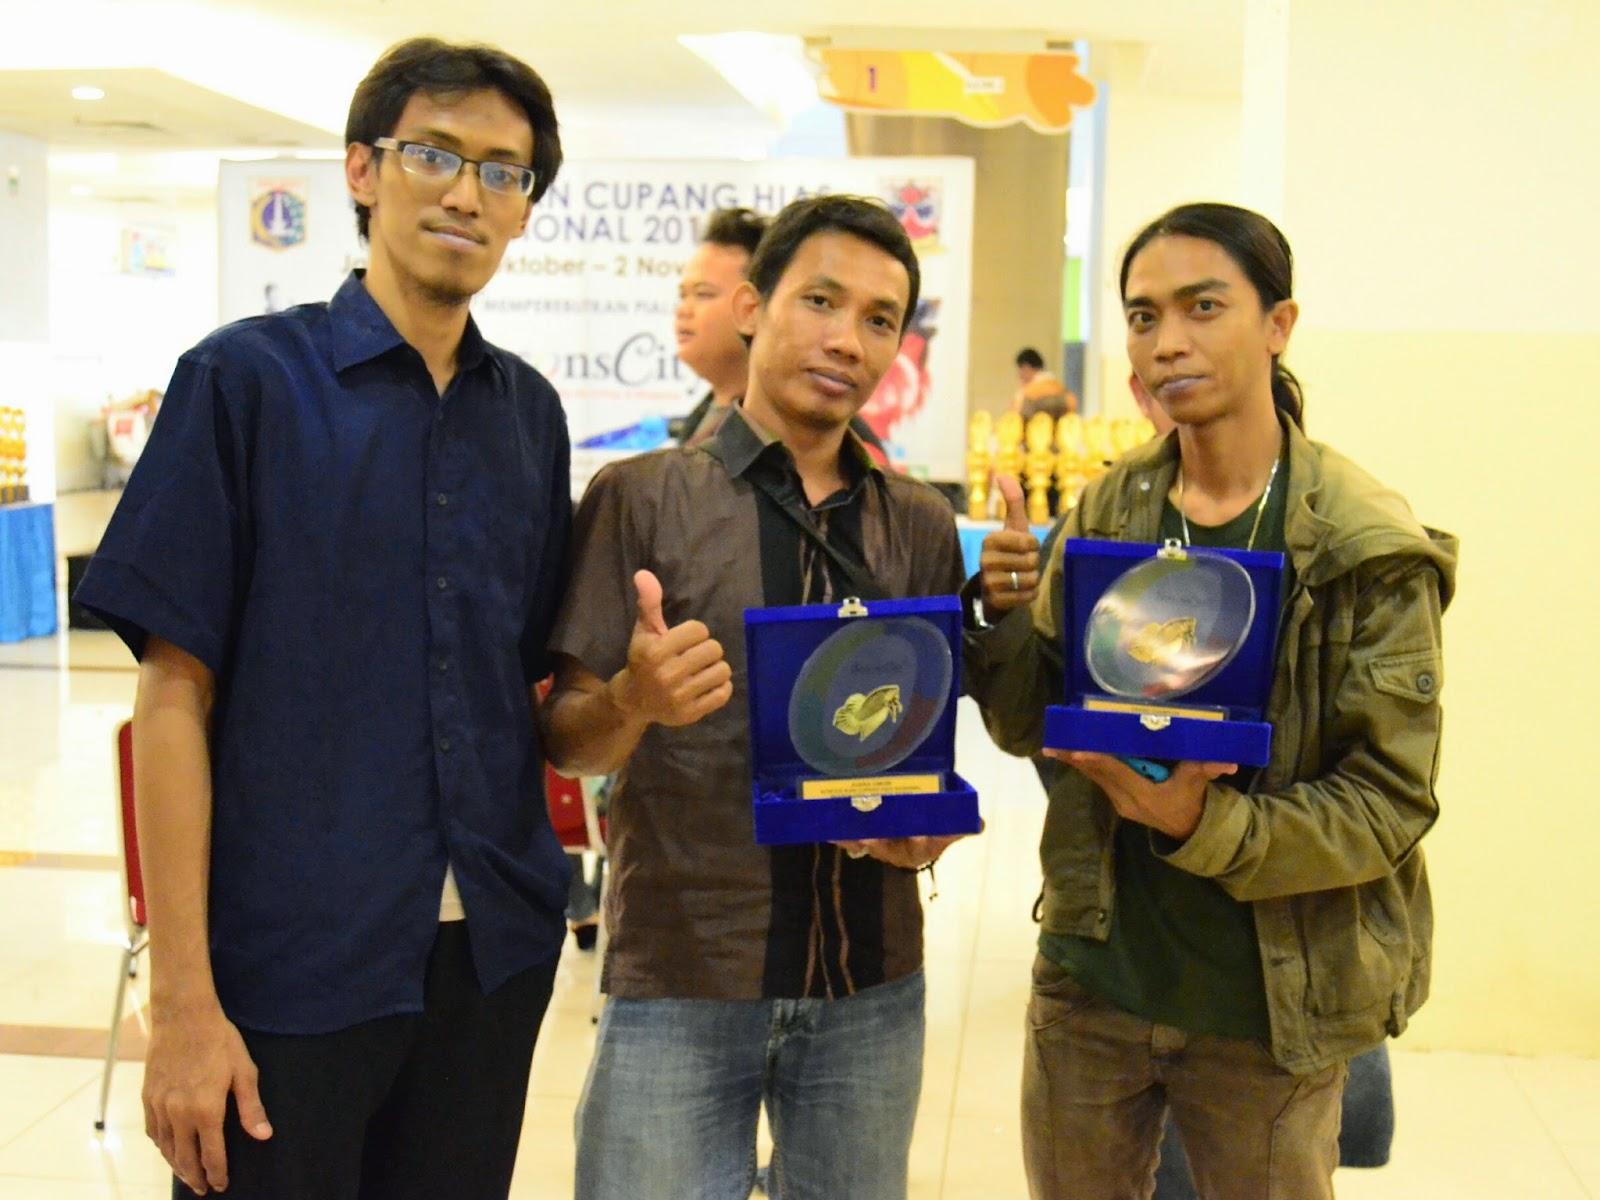 Juara Umum kontes nasional season city, jakarta barat 2 nov 2014